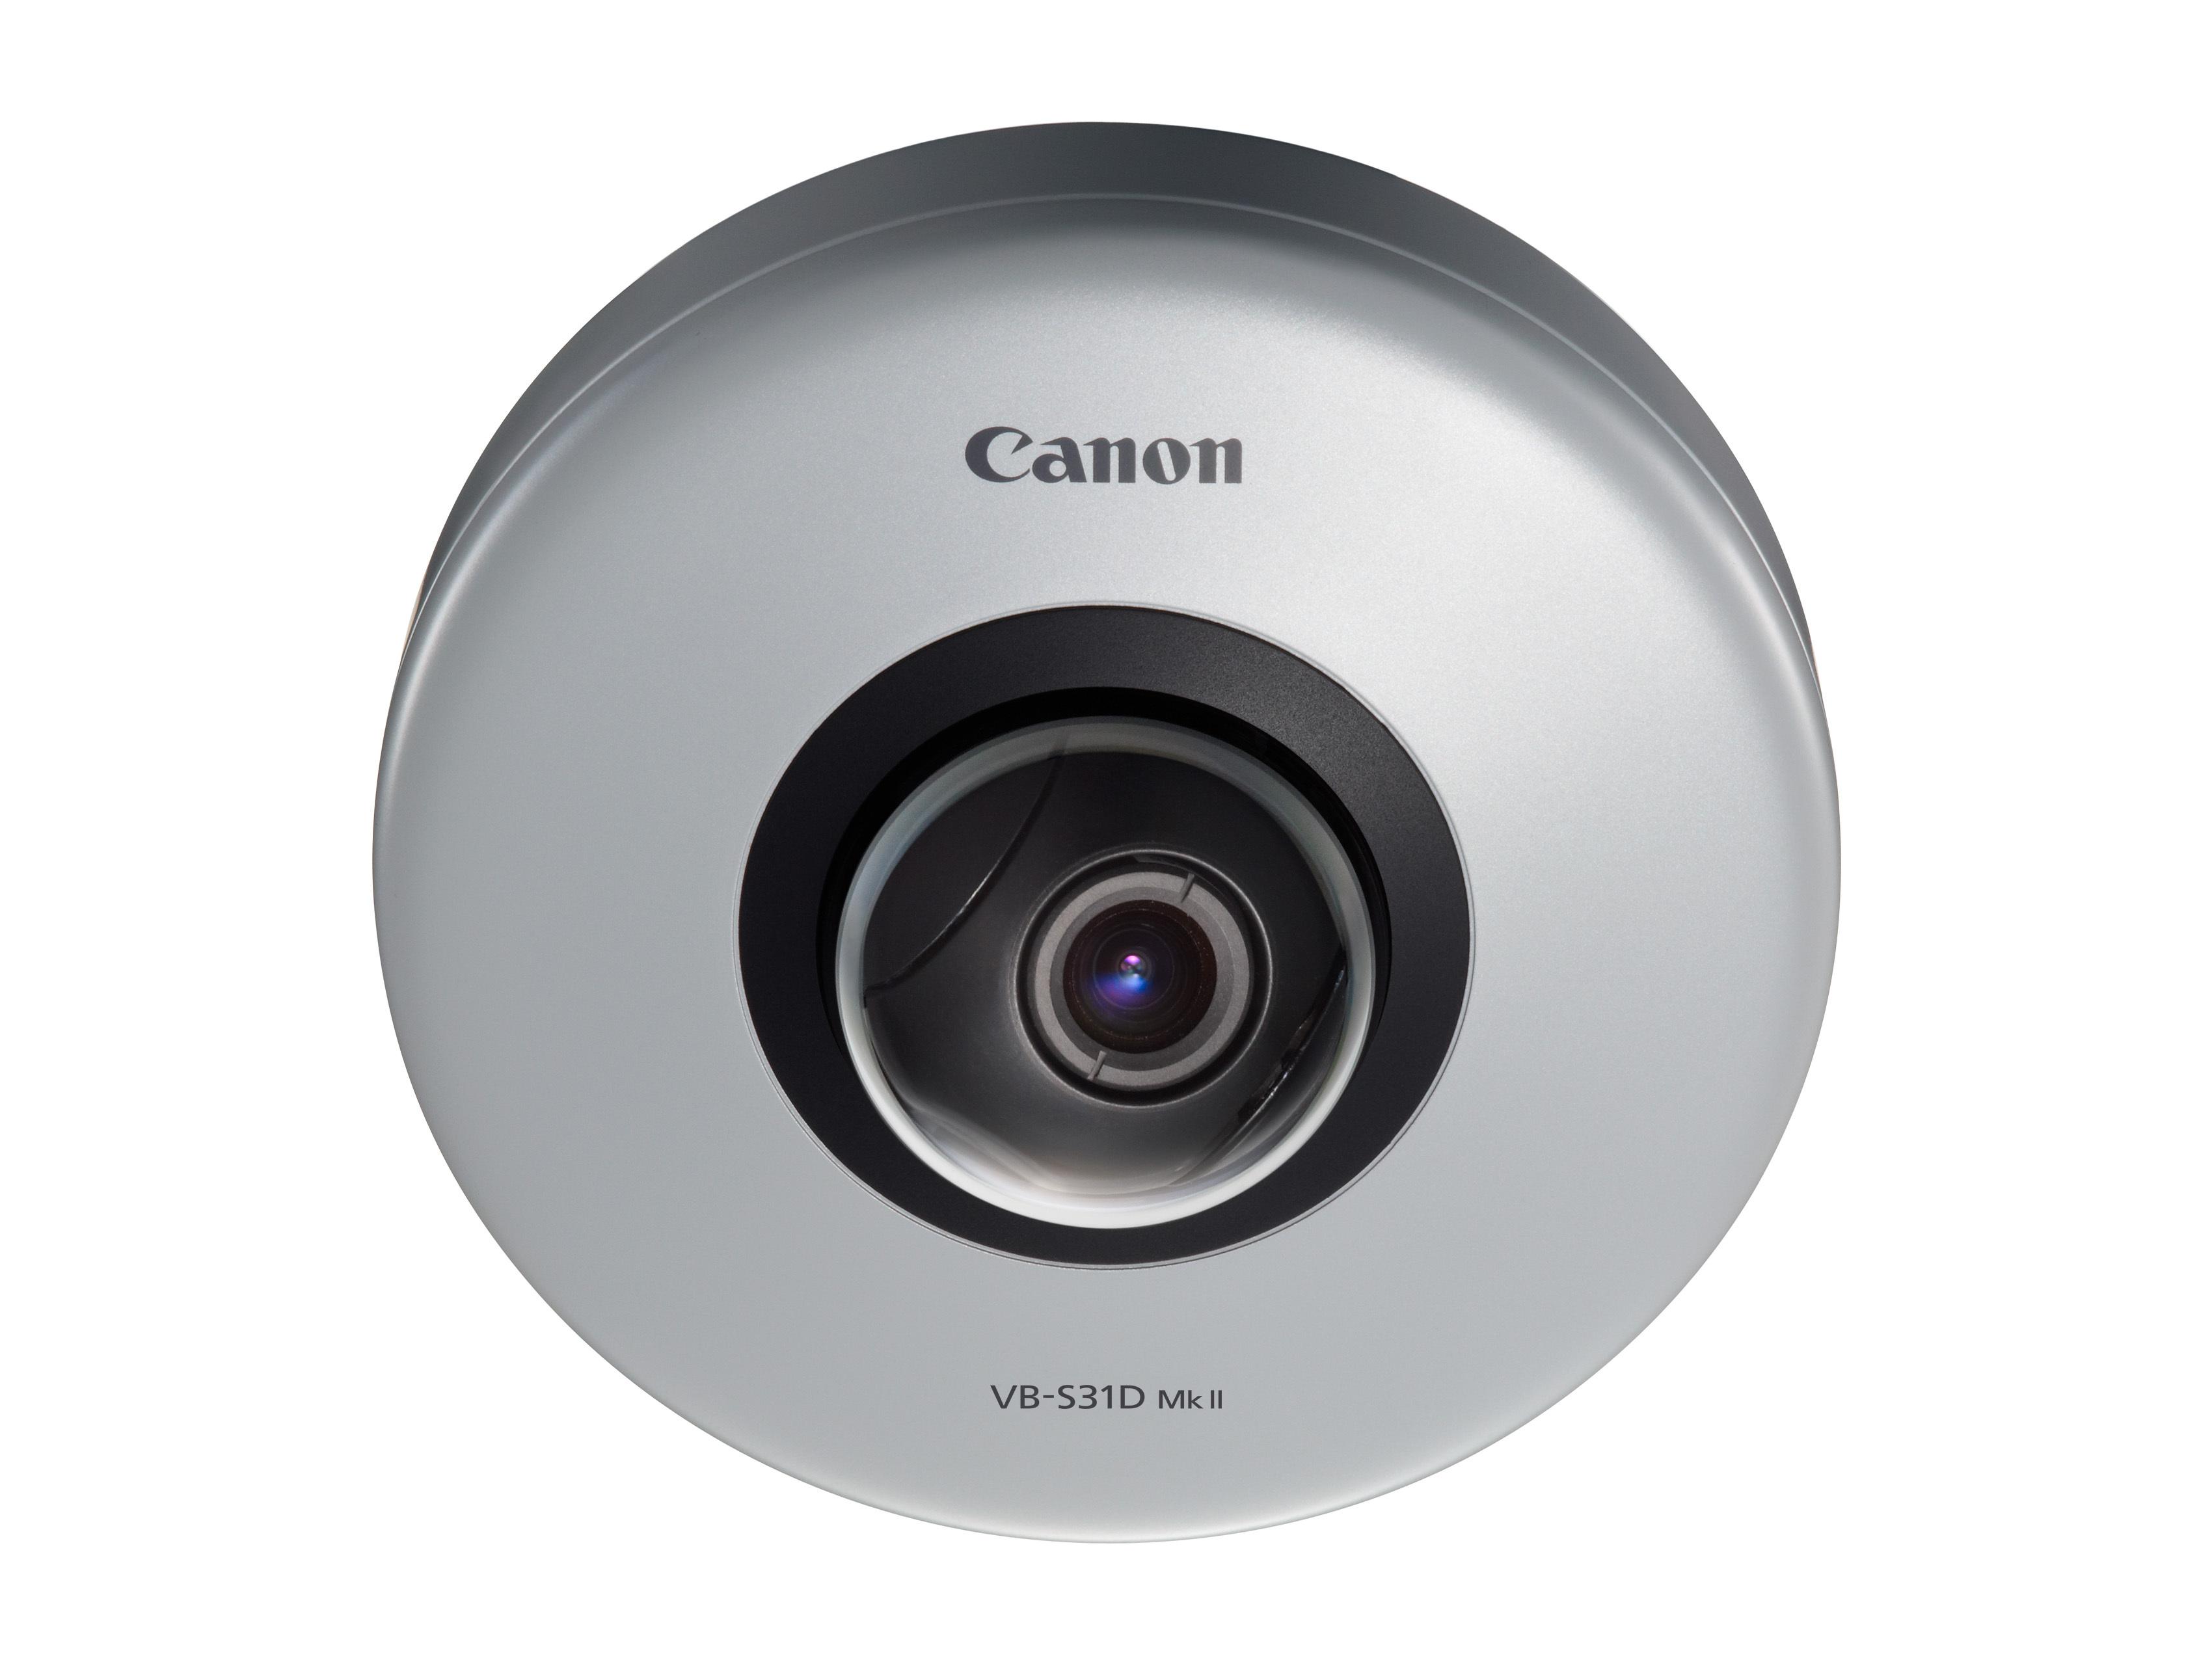 Canon VB-S31D MK II